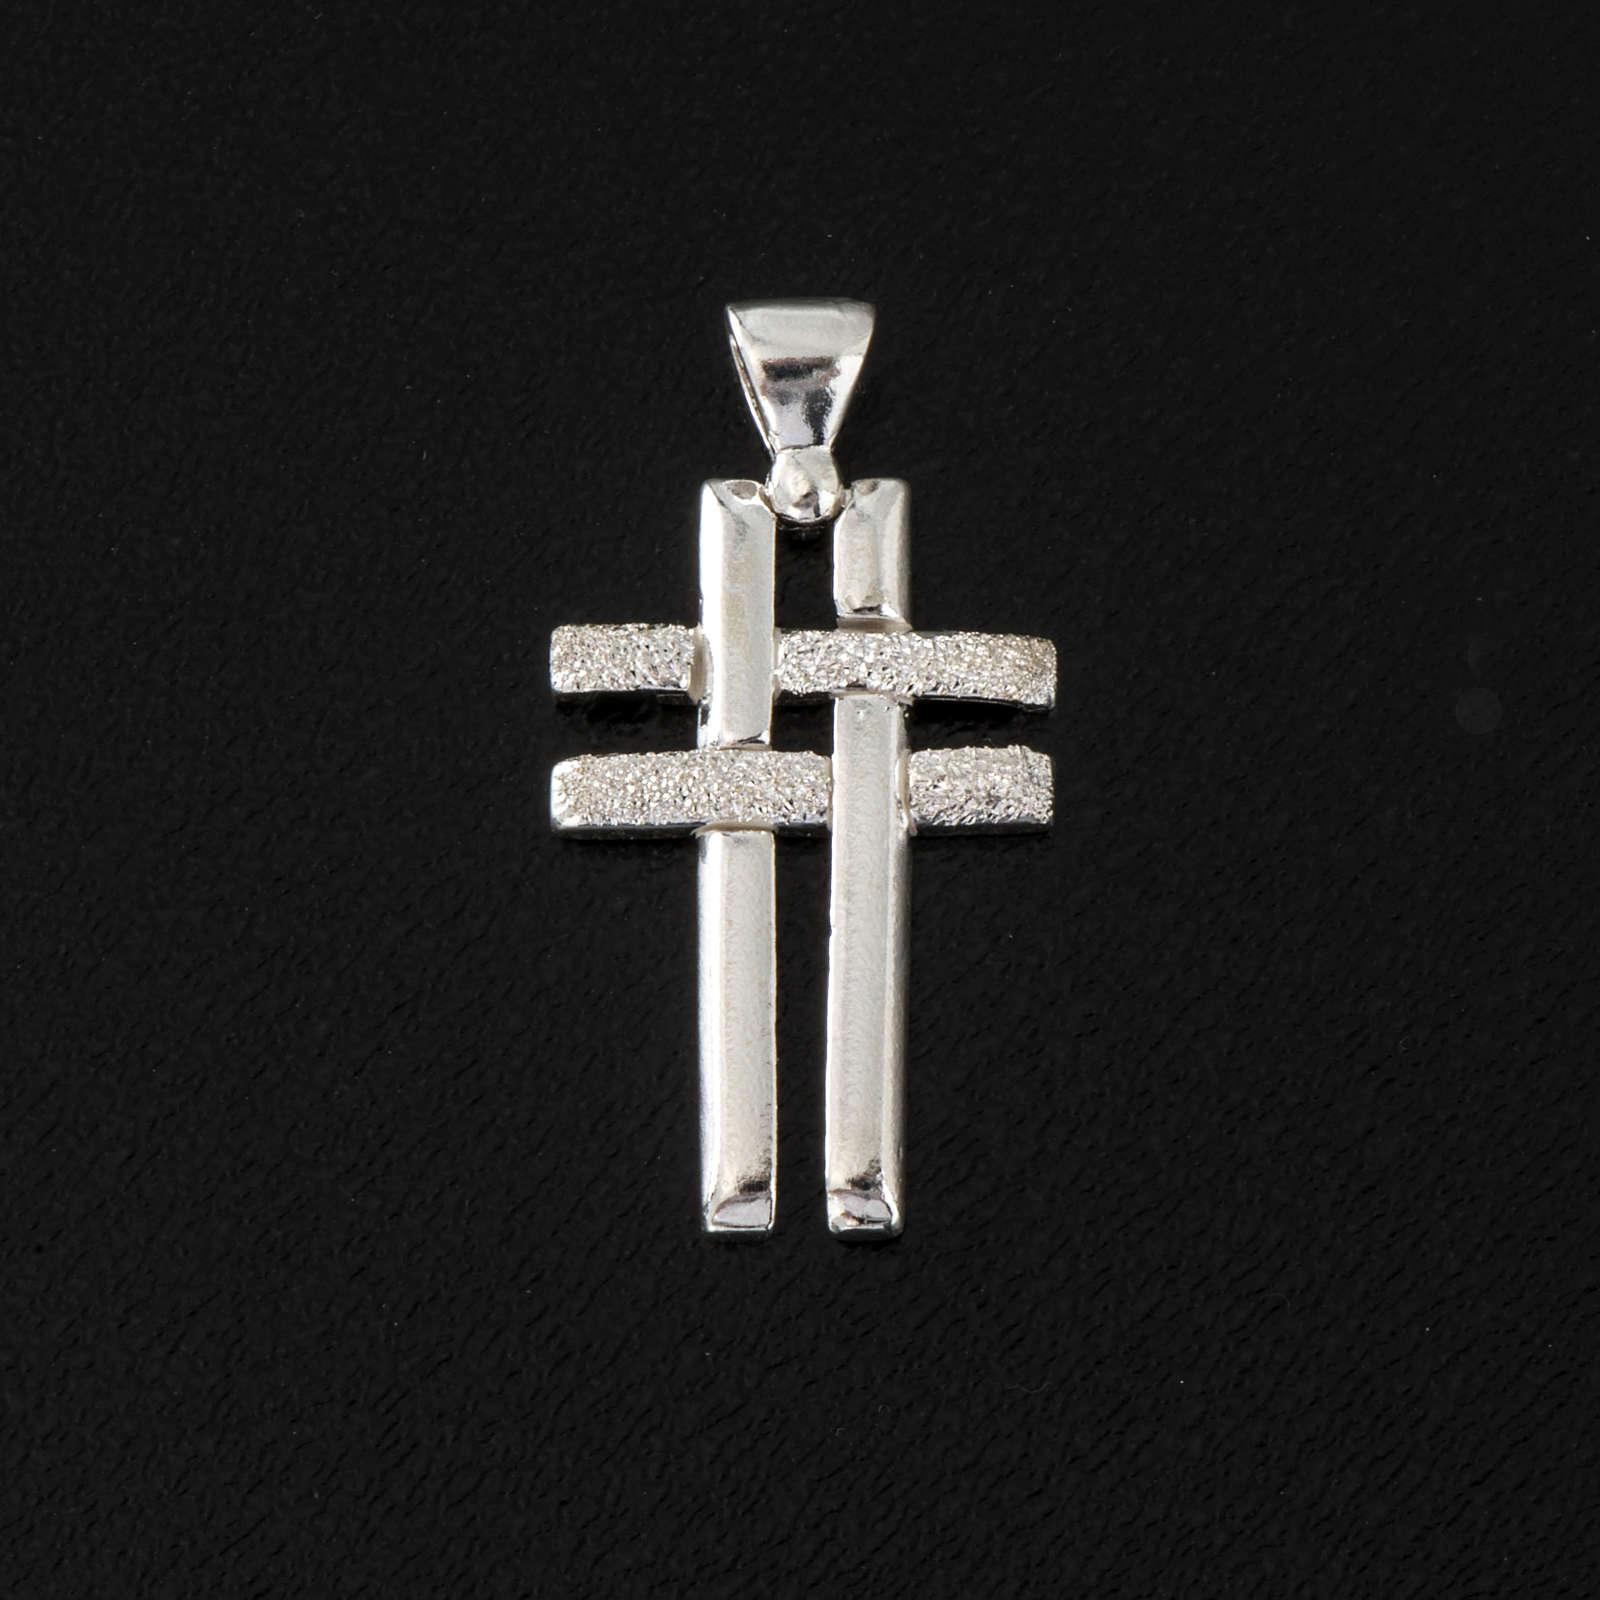 Krzyżyk podwójny srebro 925 4